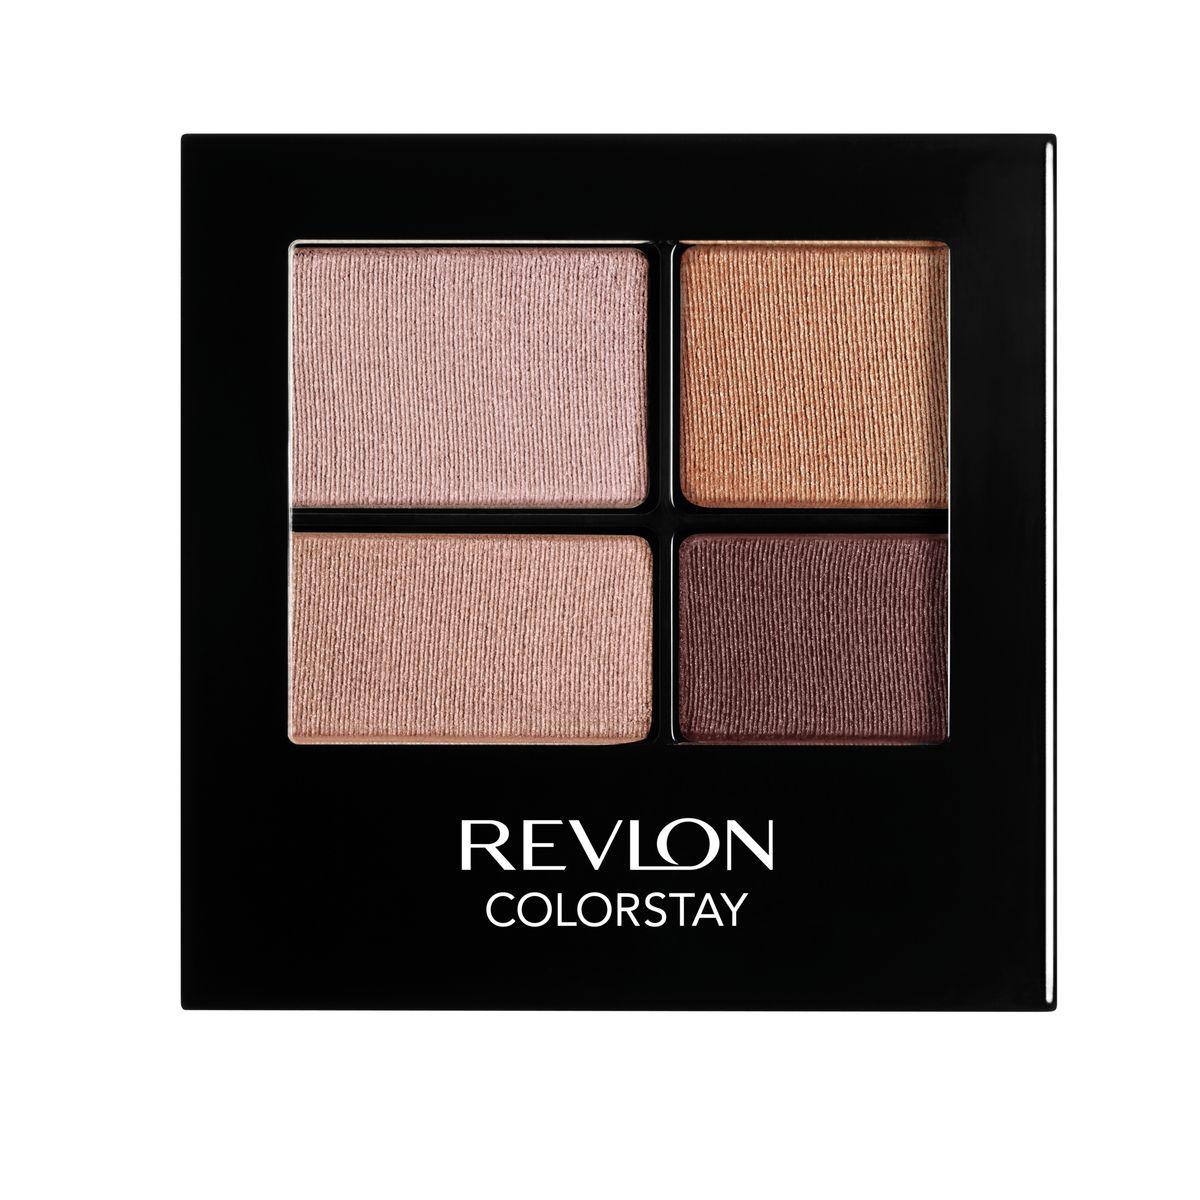 Revlon Тени для Век Четырехцветные Colorstay Eye16 Hour Eye Shadow Quad Decadente 505 42 г7210767002Colorstay 16 Hour Sahdow - роскошные тени для век с шелковистой текстурой и невероятно стойкой формулой. Теперь ваш макияж сохранит свой безупречный вид не менее 16 часов! Все оттенки гармонично сочетаются друг с другом и легко смешиваются, позволяя создать бесконечное количество вариантов макияжа глаз: от нежных, естественных, едва заметных, до ярких, выразительных, драматических. На оборотной стороне продукта приведена схема нанесения.Аккуратно нанести на веки специальной кисточкой.